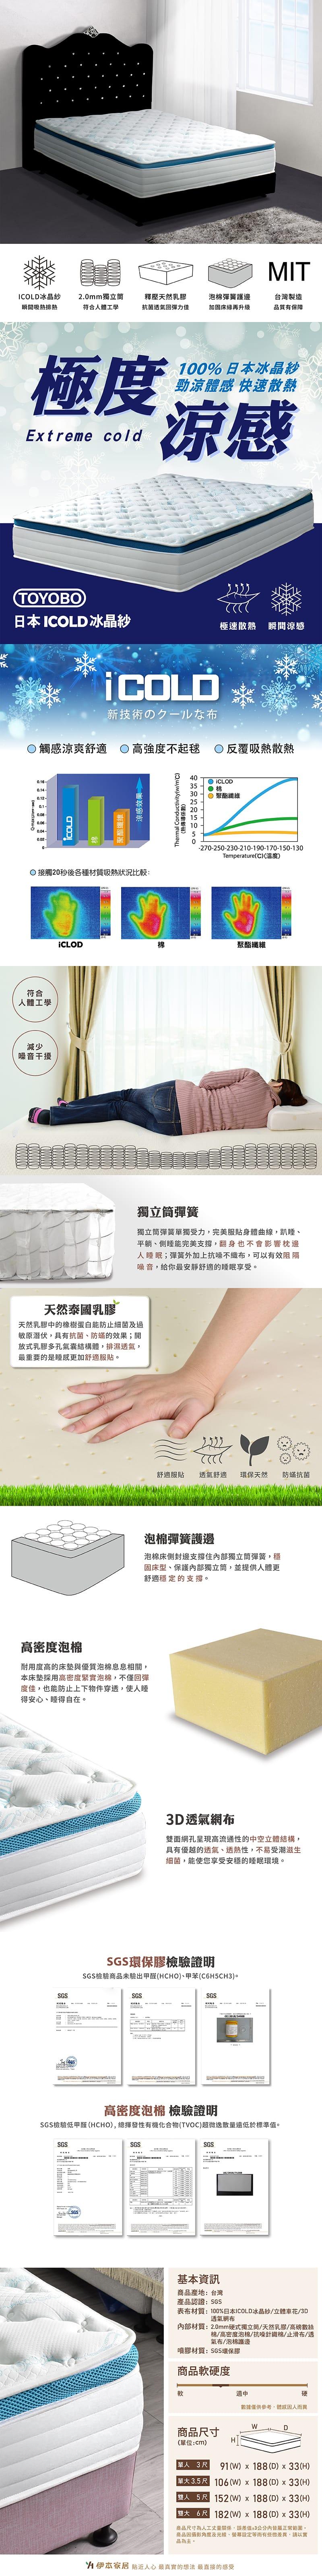 冰晶紗涼感乳膠獨立筒床墊 雙人加大6尺(尊榮系列)